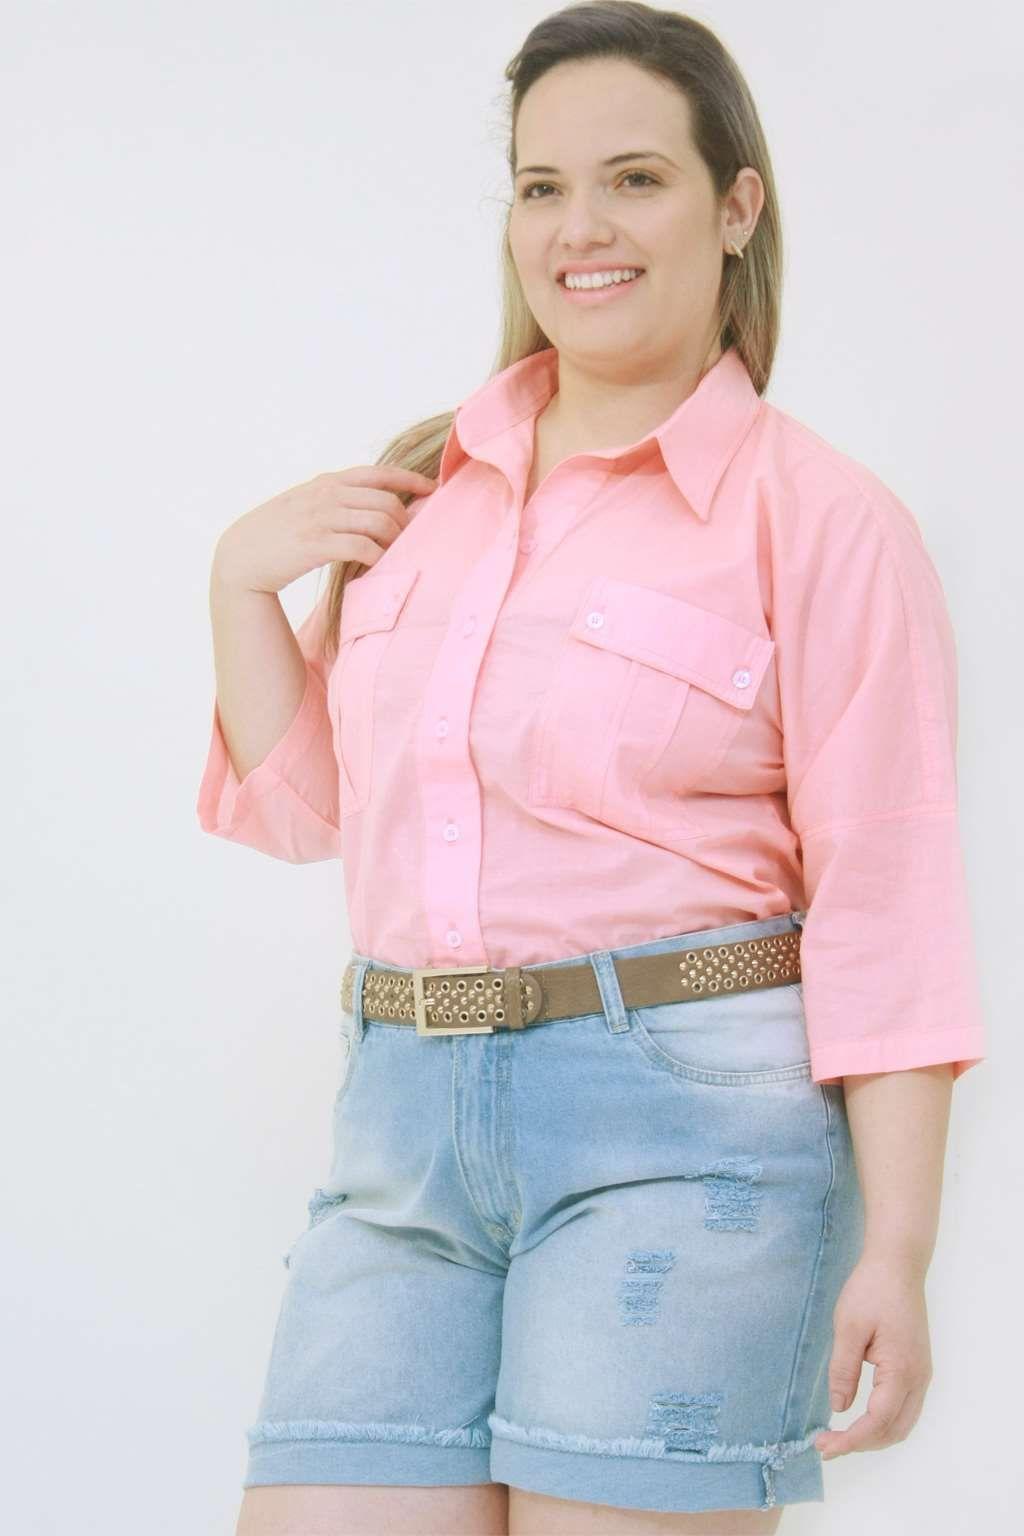 f8b44c645 Camisa Voal Japonesa Bolso Rosa de mangas japonesa com recorte vira da  frente larga e bolsos com lapela  camisaplussize  plussize  modaplussize ...